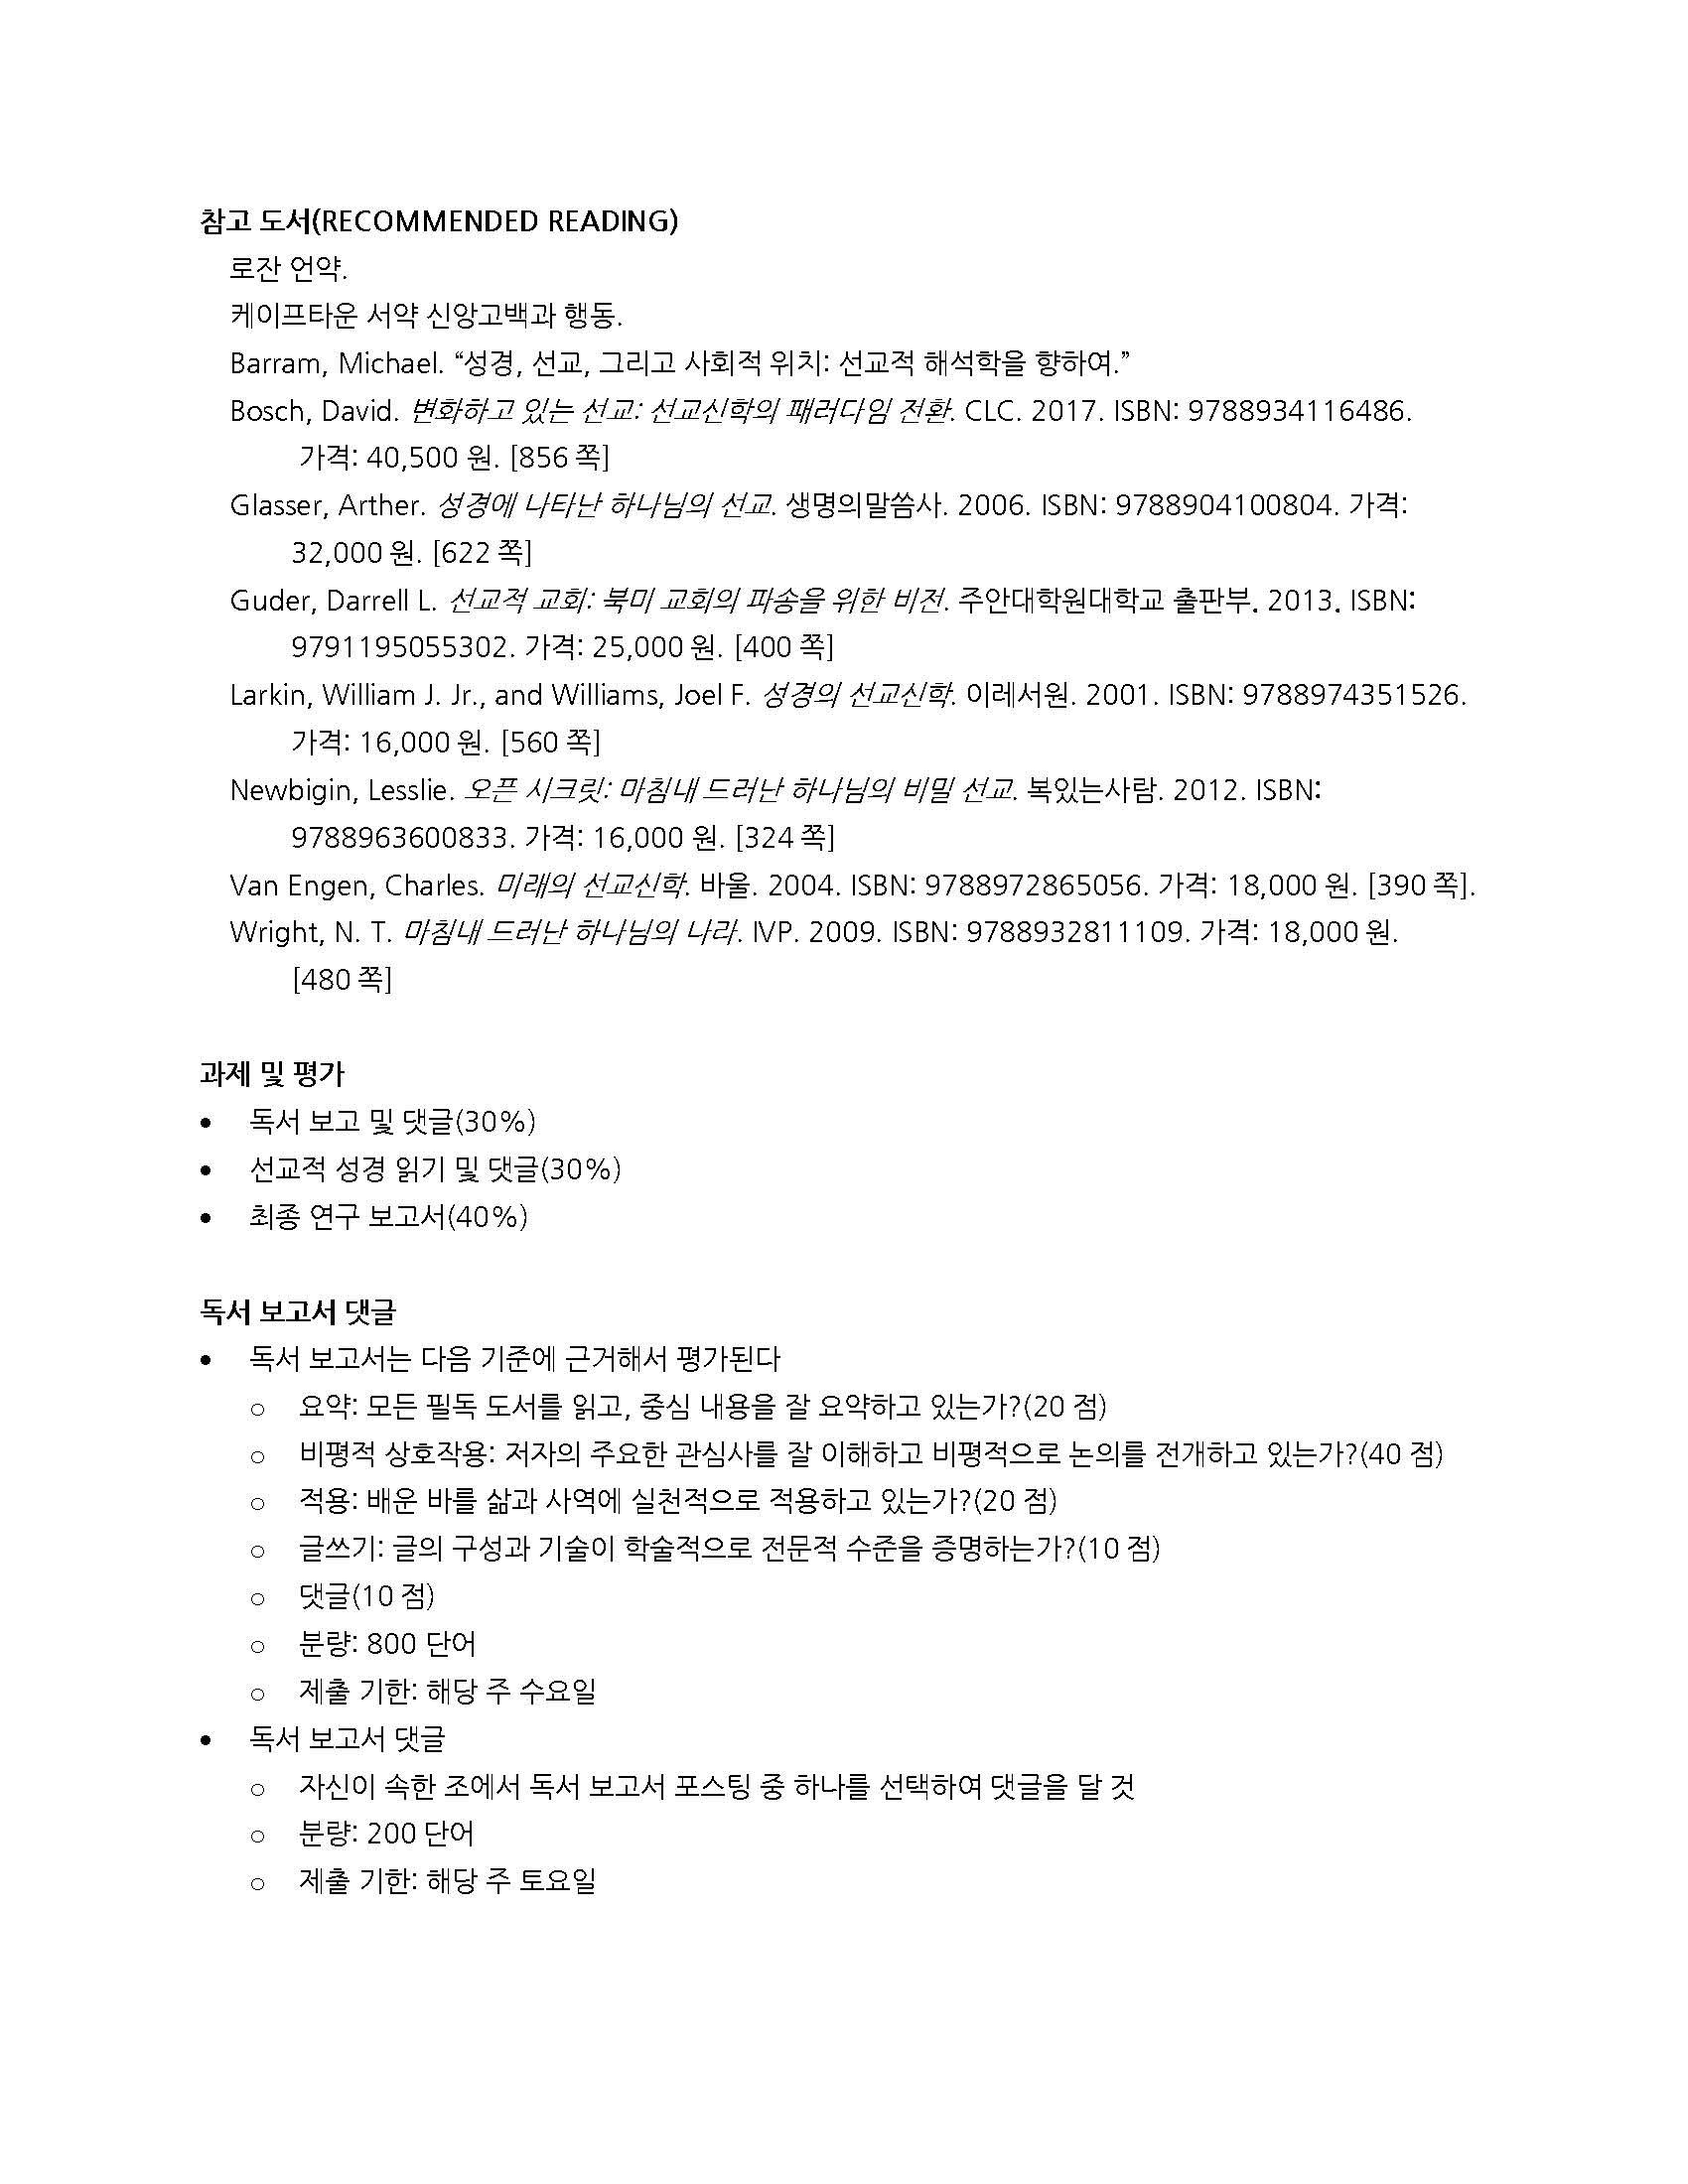 FA20 MT502MK707 Keonsang An_Page_2.jpg